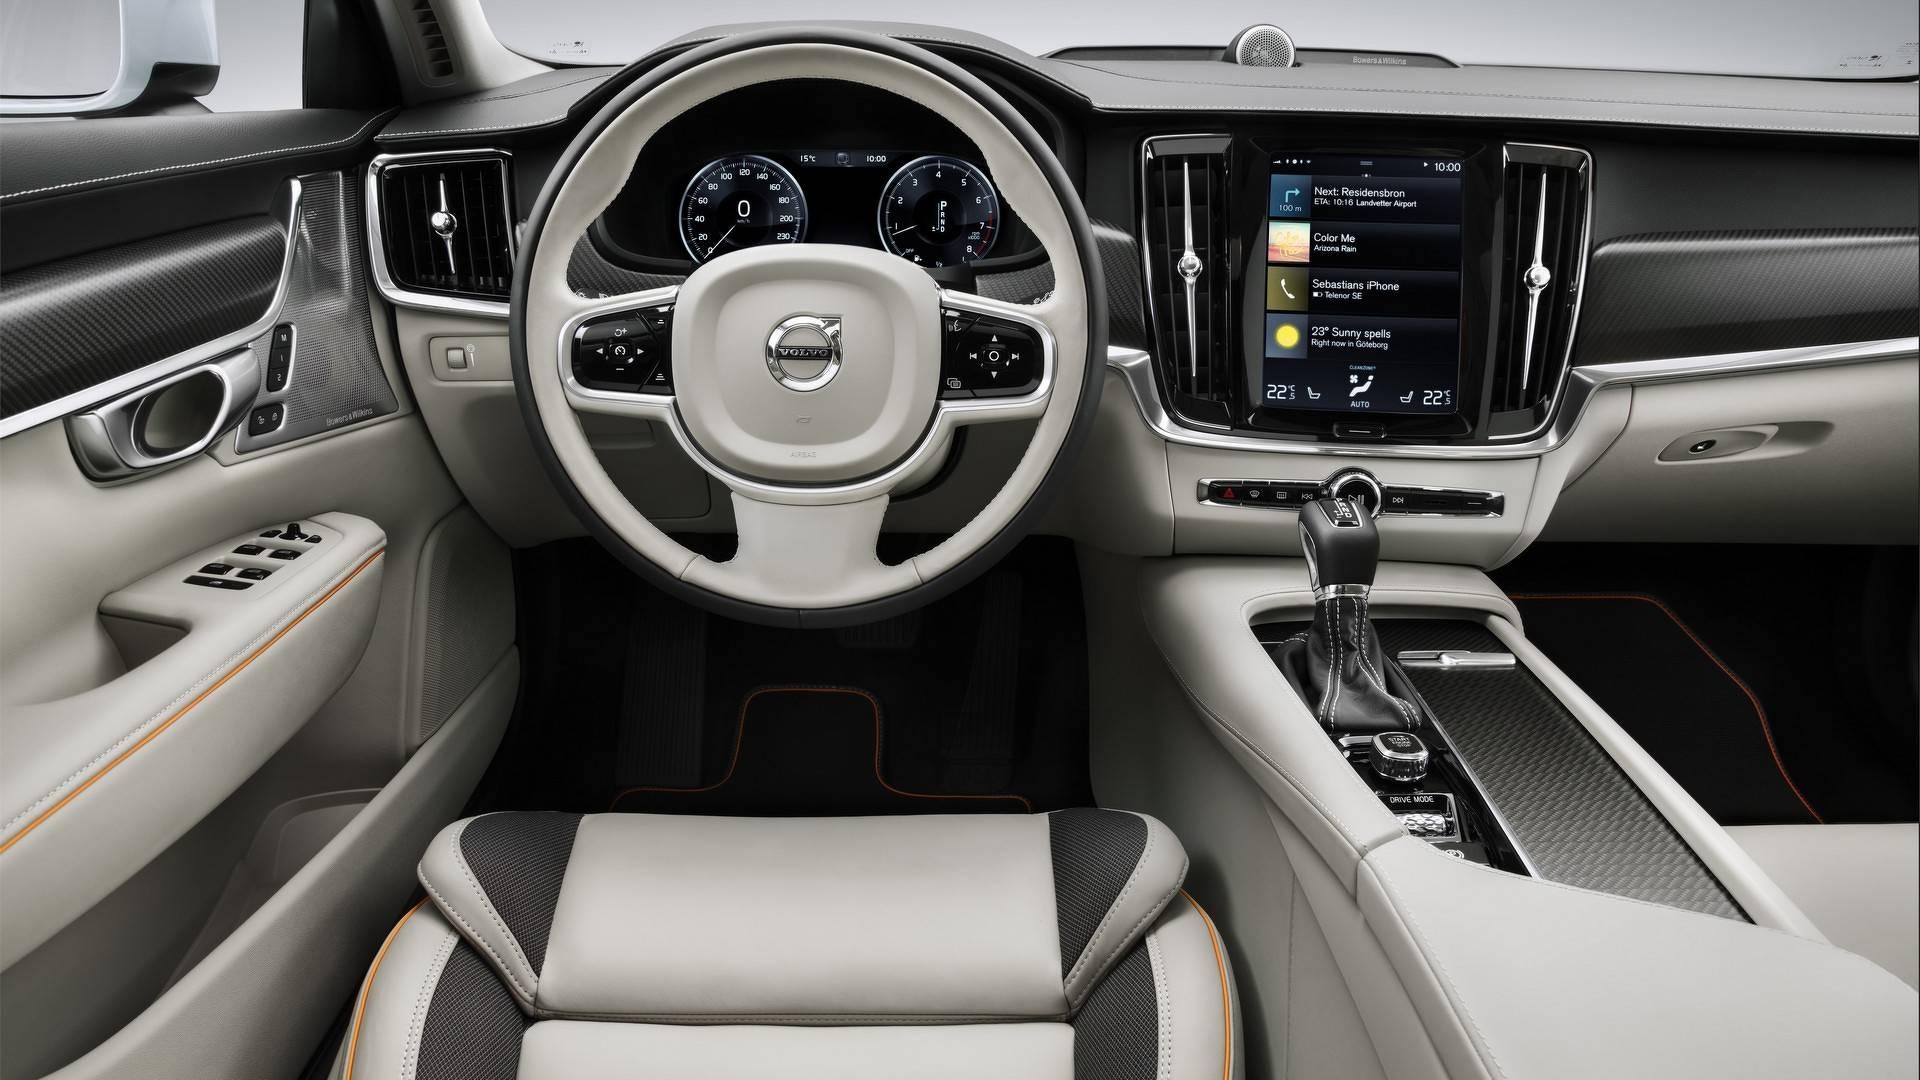 Xe++ - Volvo giới thiệu phiên bản đặc biệt V90 Cross Country Ocean Race  (Hình 7).